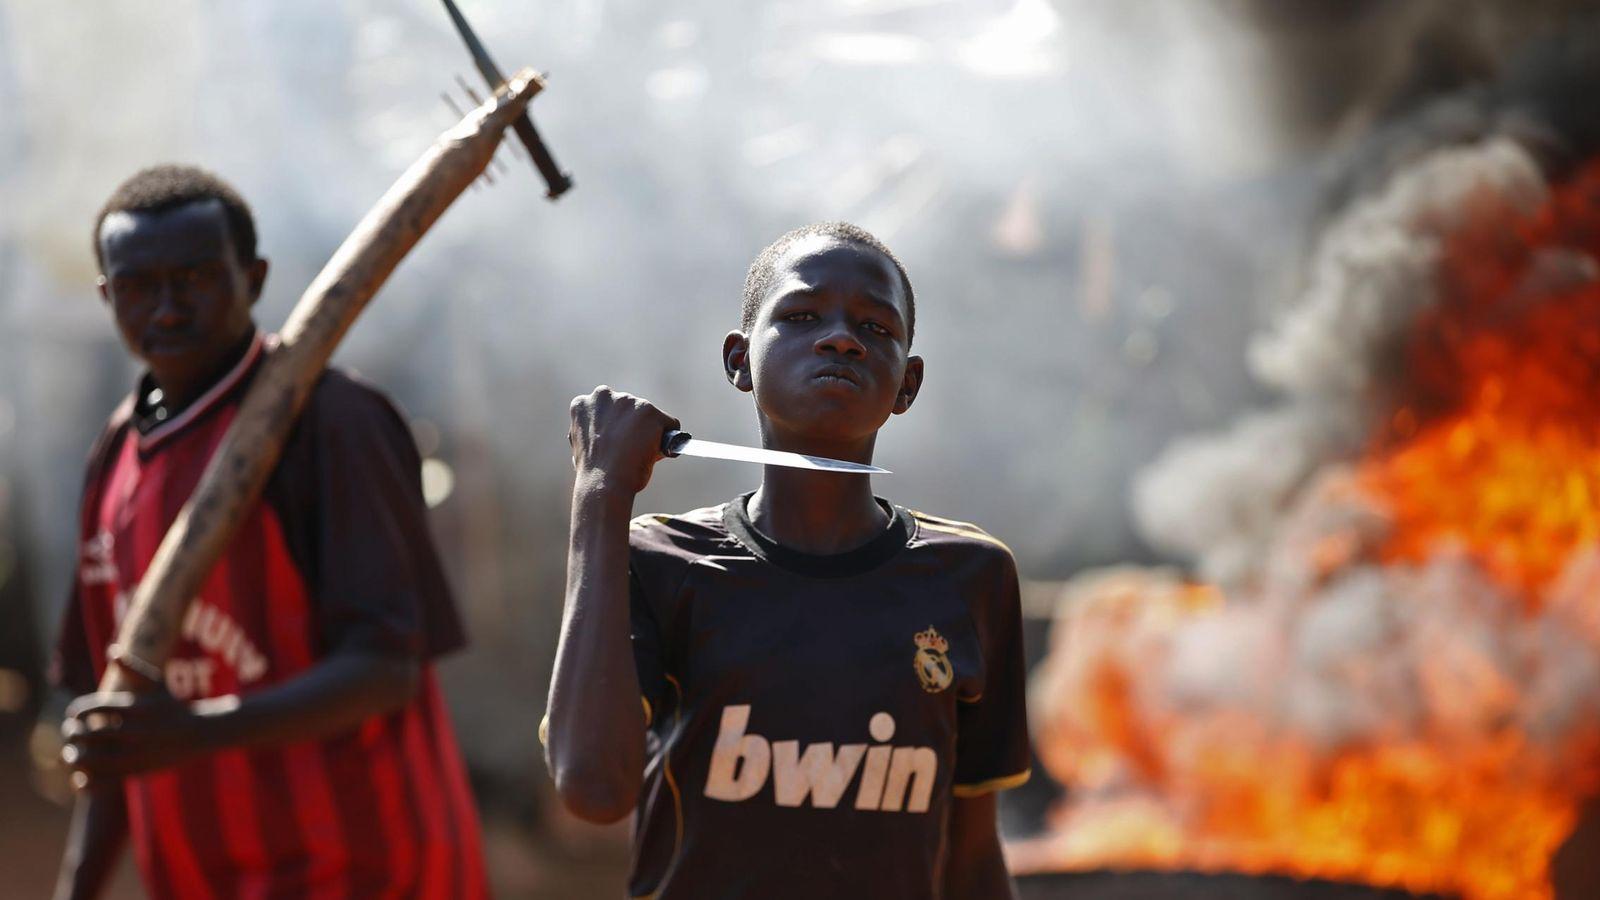 Foto: Un joven gesticula ante la cámara durante una protesta después de que tropas francesas abriesen fuego en Bambari (República Centroafricana).